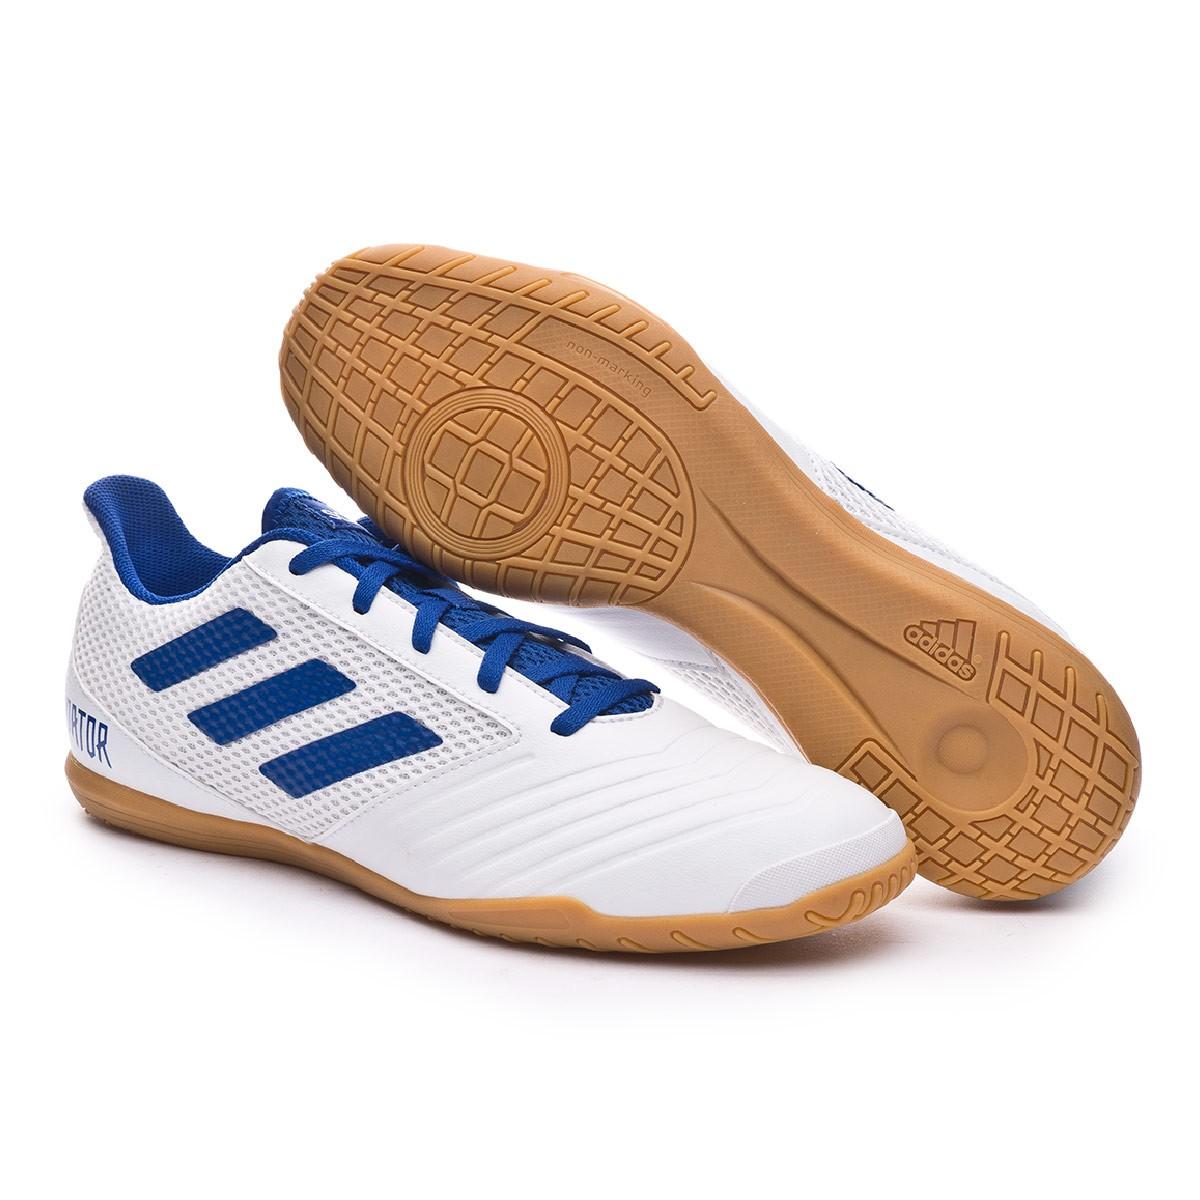 adidas Predator Tango 19.4 IN Sala Futsal Boot